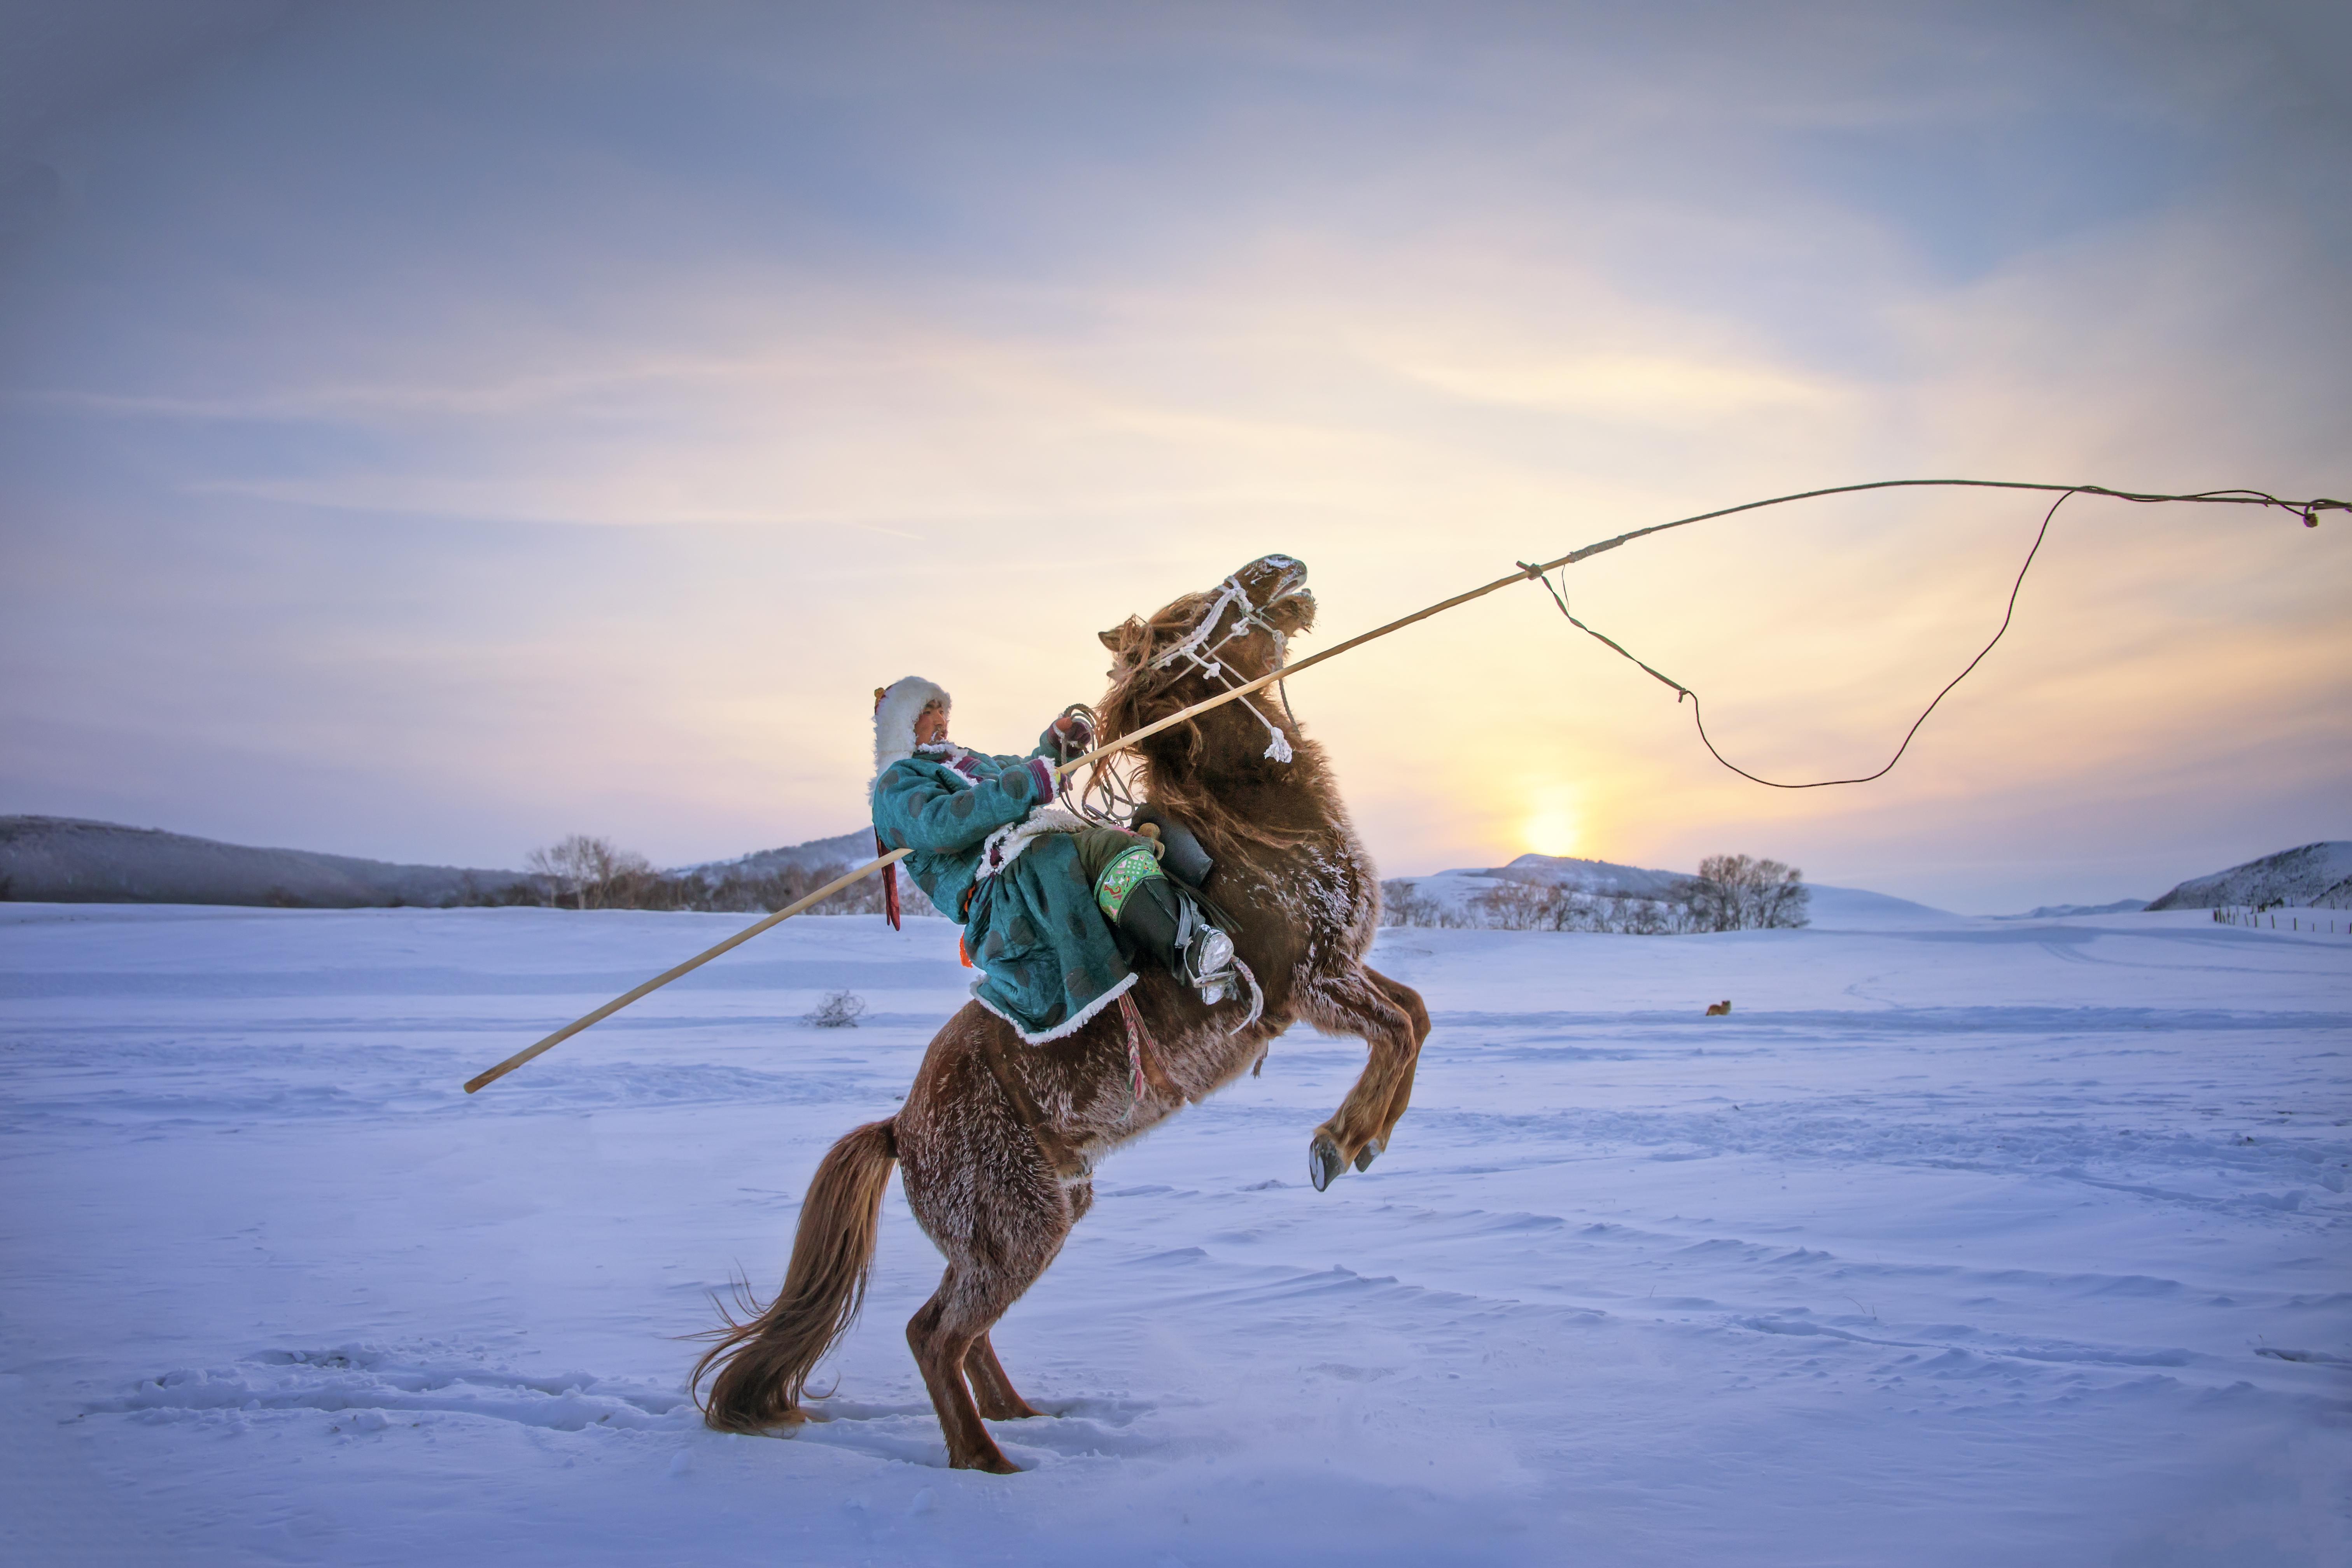 hk_c_年度攝影師趙必然-冬雪牧歌 2020年1月拍攝於內蒙古赤峰烏蘭布統壩上。夕陽西下,暮色蒼茫,牧民們放牧歸來,打馬而起,豪邁無比。.jpg